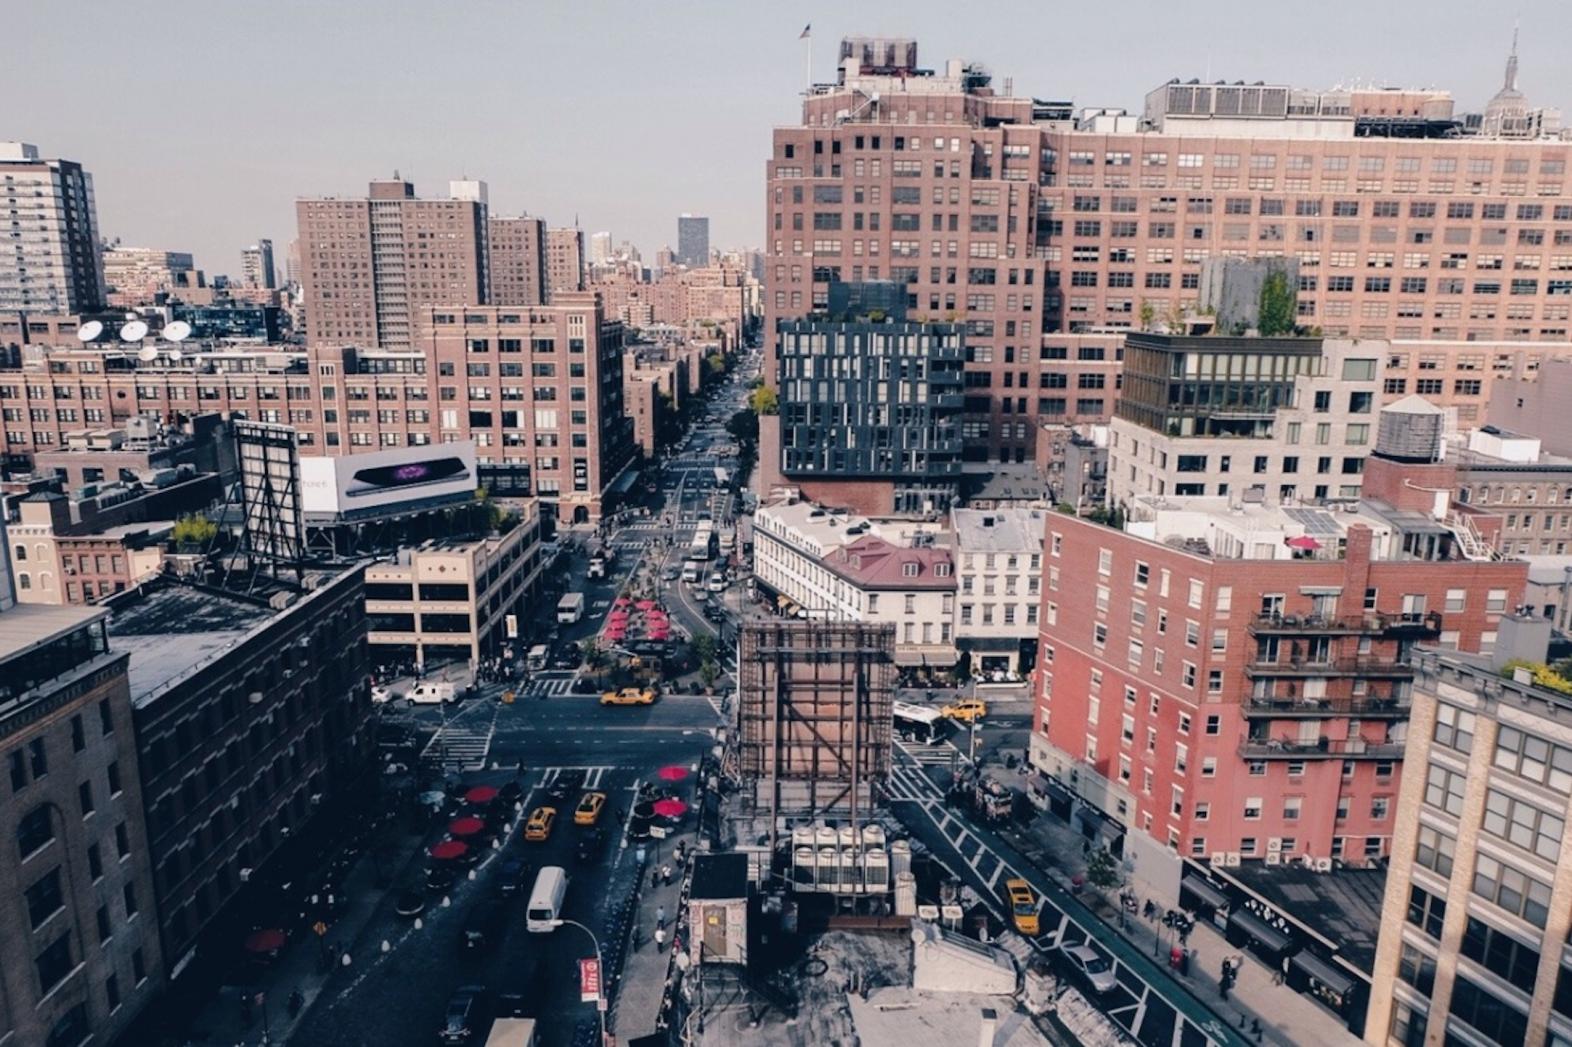 meatpacking-district-new-york-manman